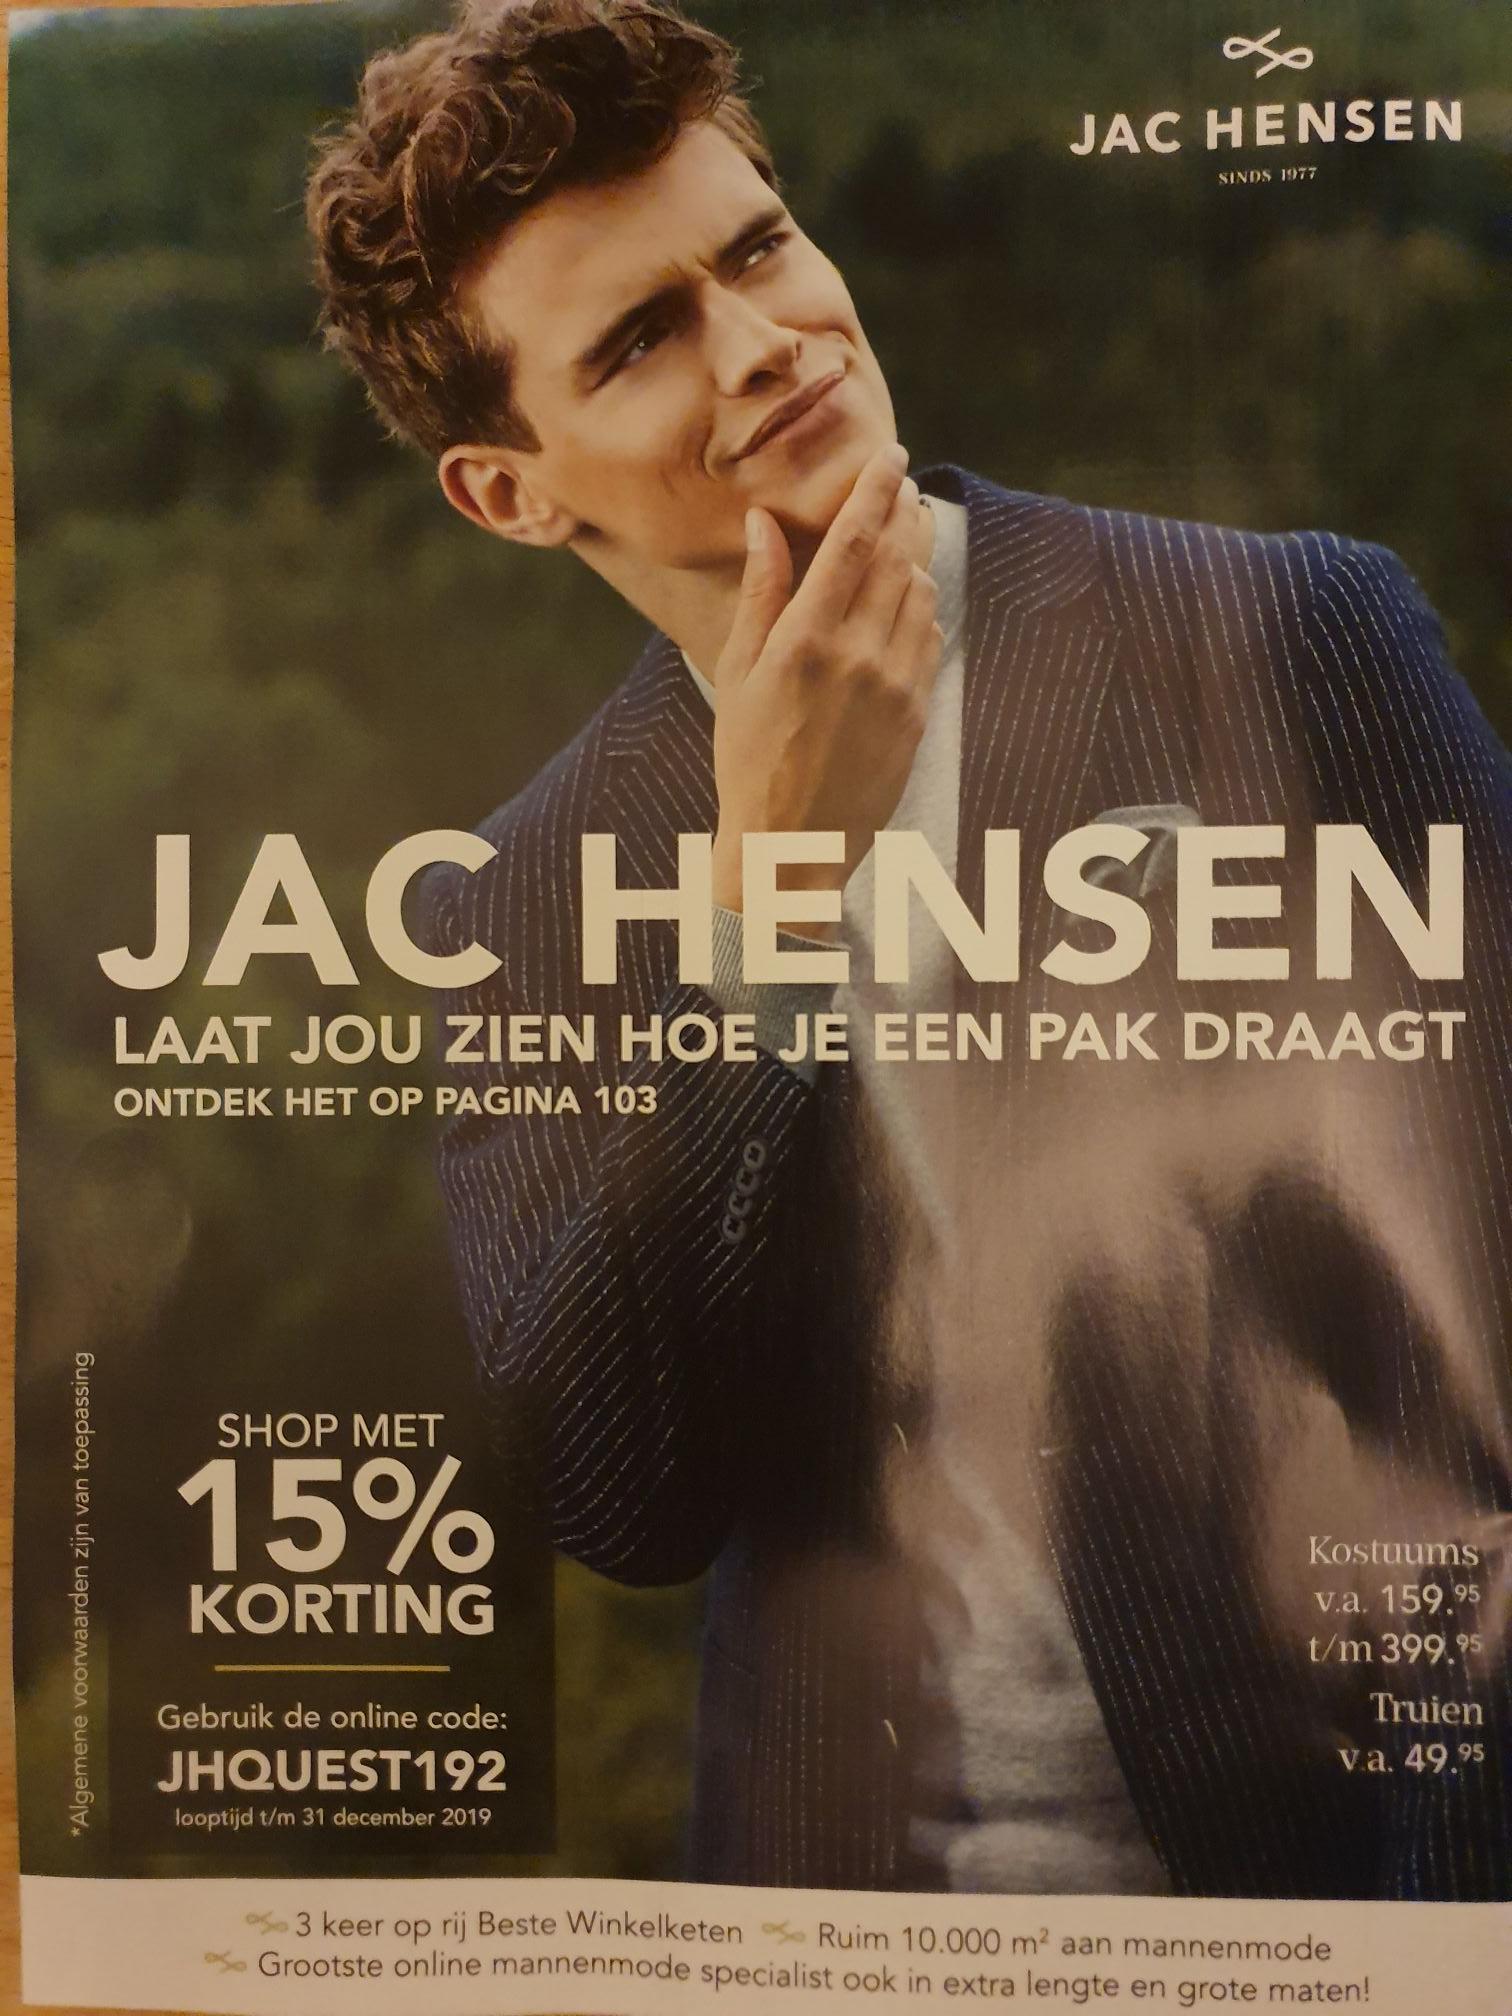 15% korting op alles @Jac Hensen